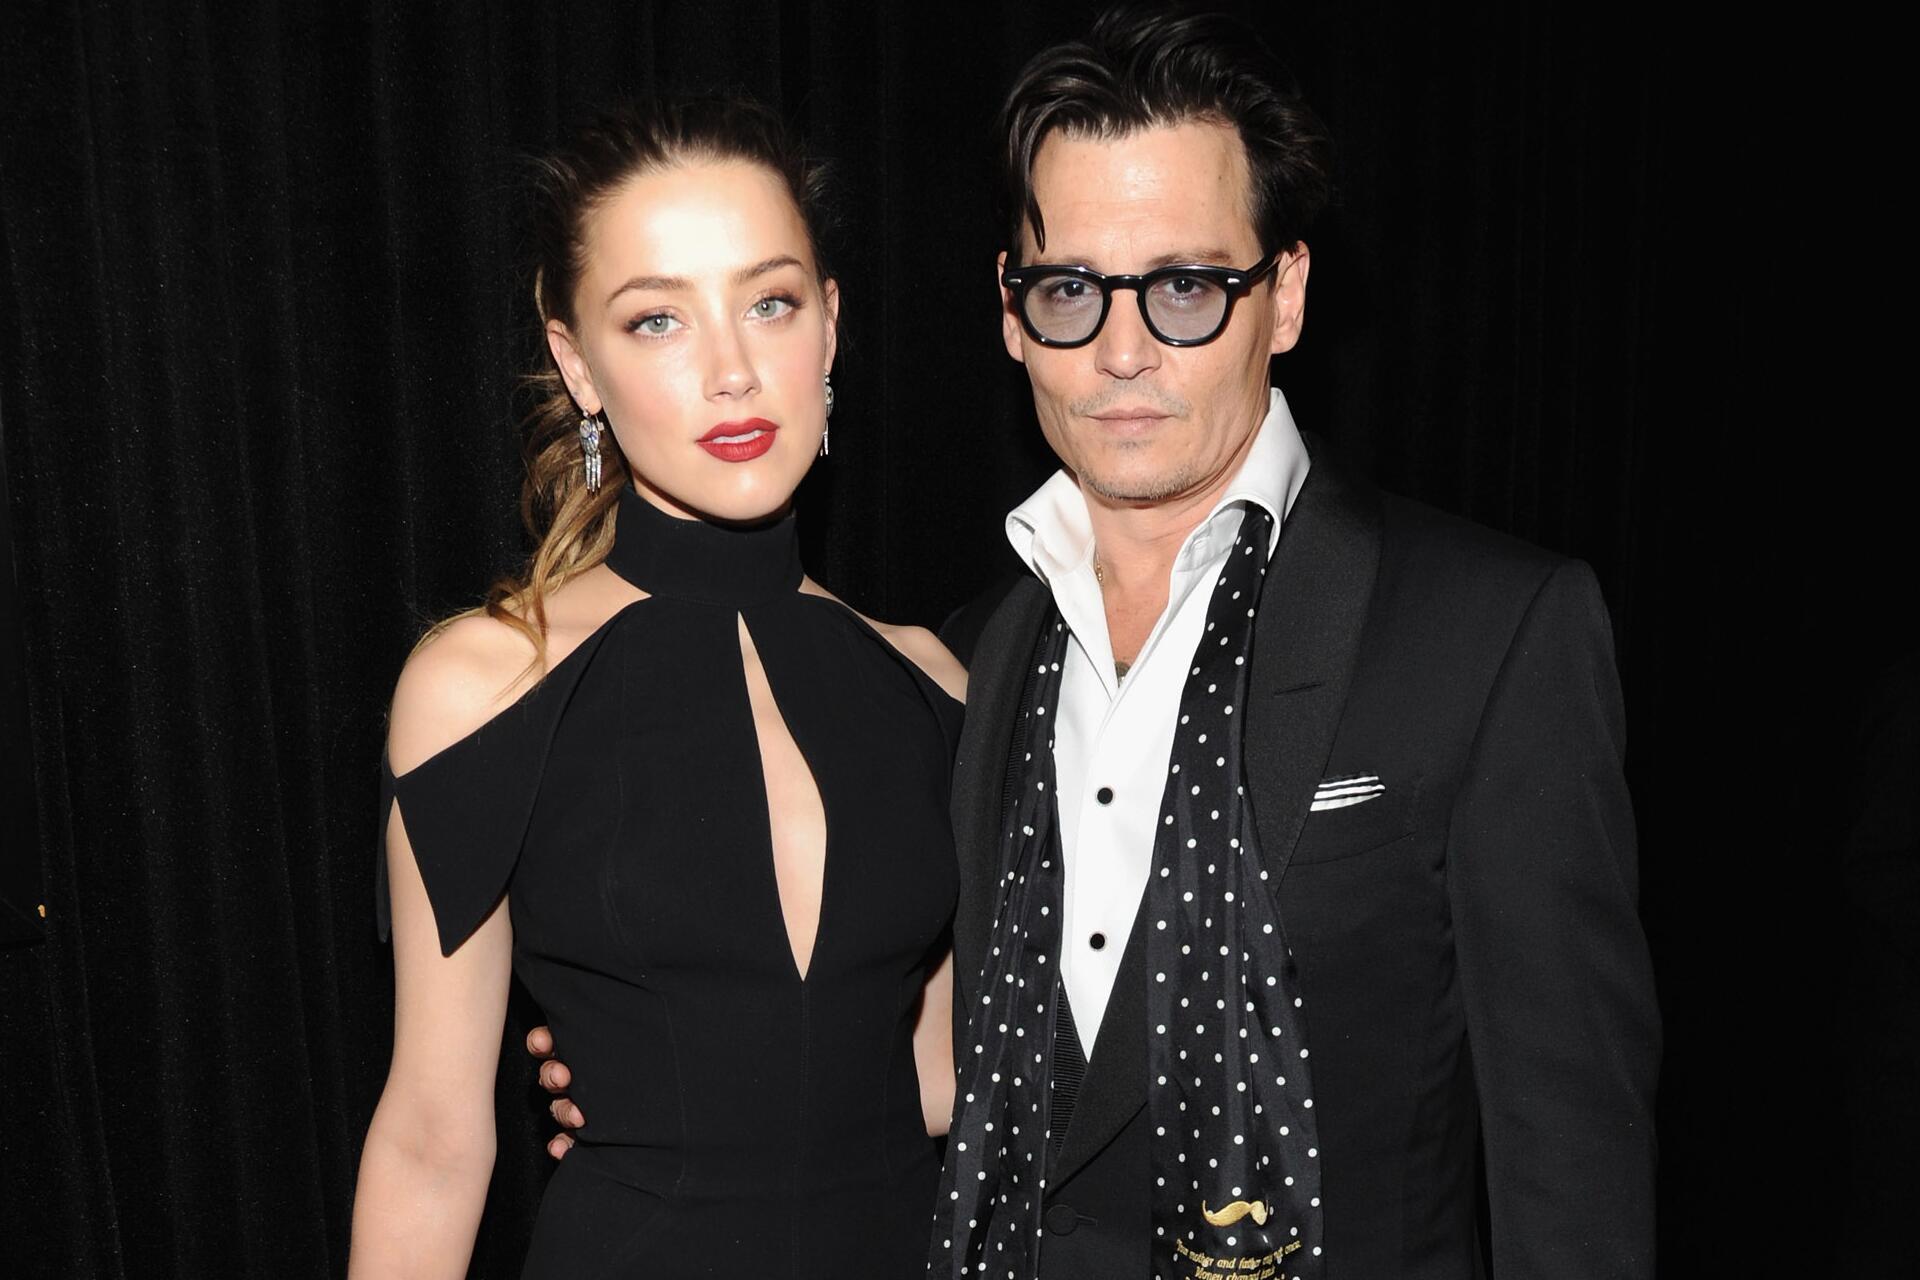 Bild zu Amber Heard, Johnny Depp, Deal, Millionen, Scheidung, Einigung